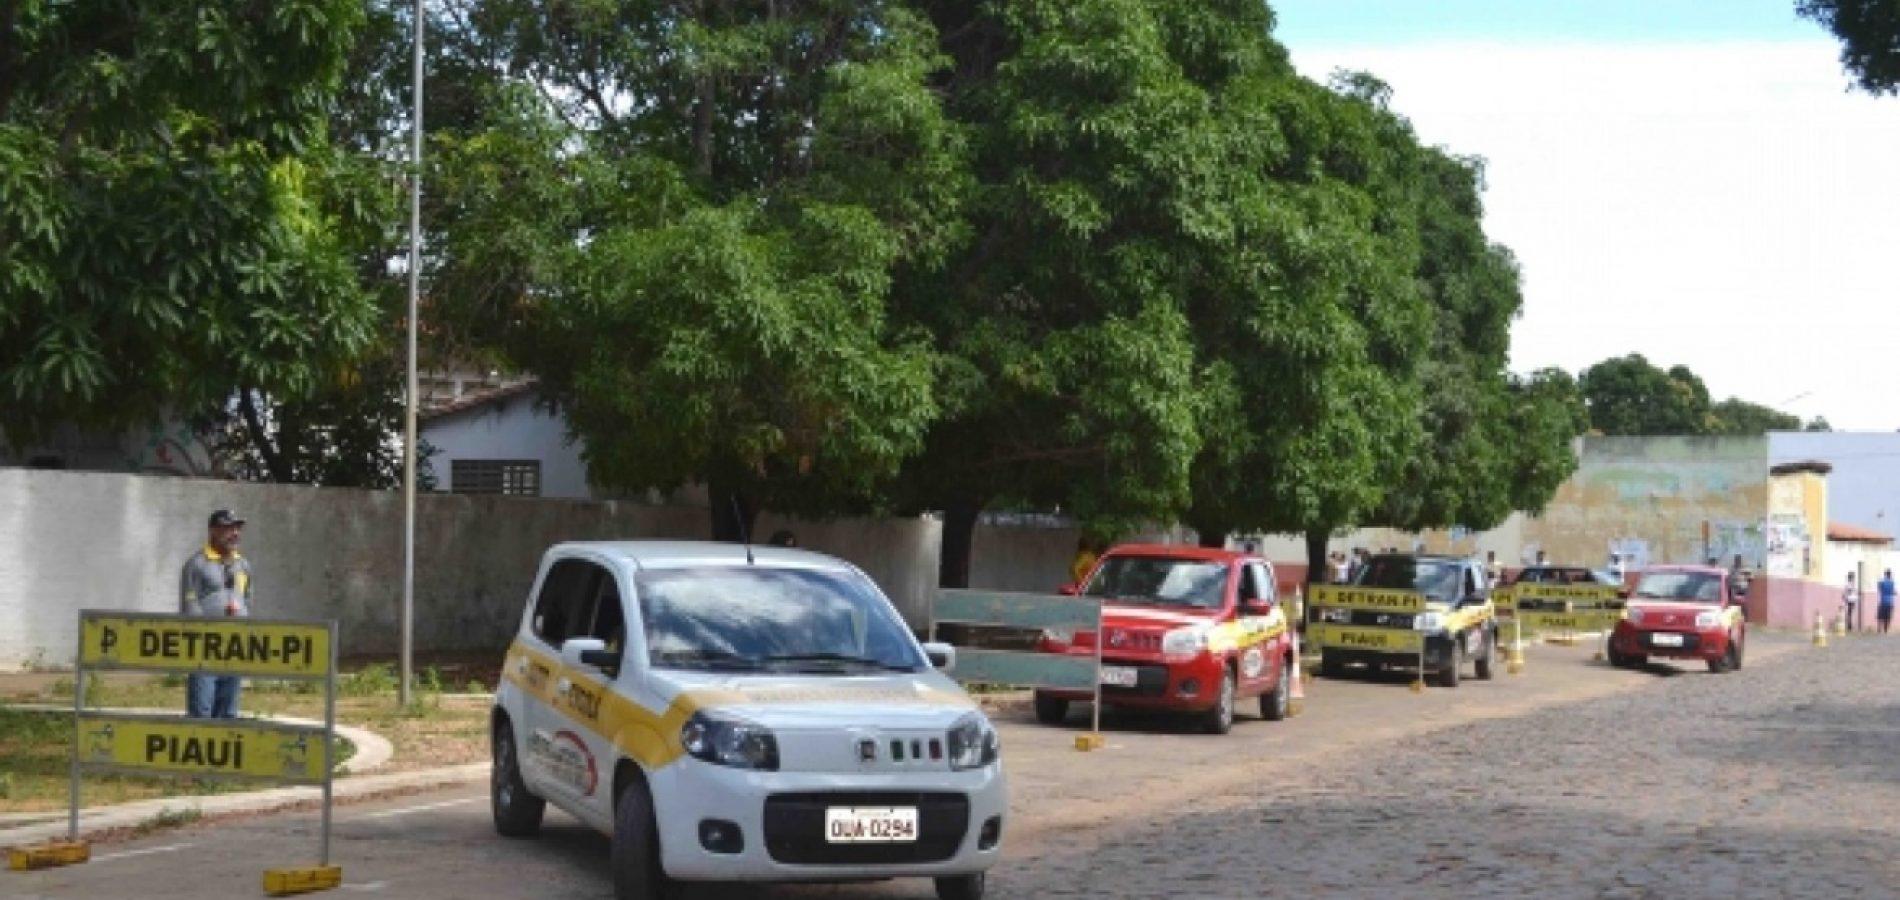 Detran vai realizar 3.400 provas práticas em 10 municípios do Piauí